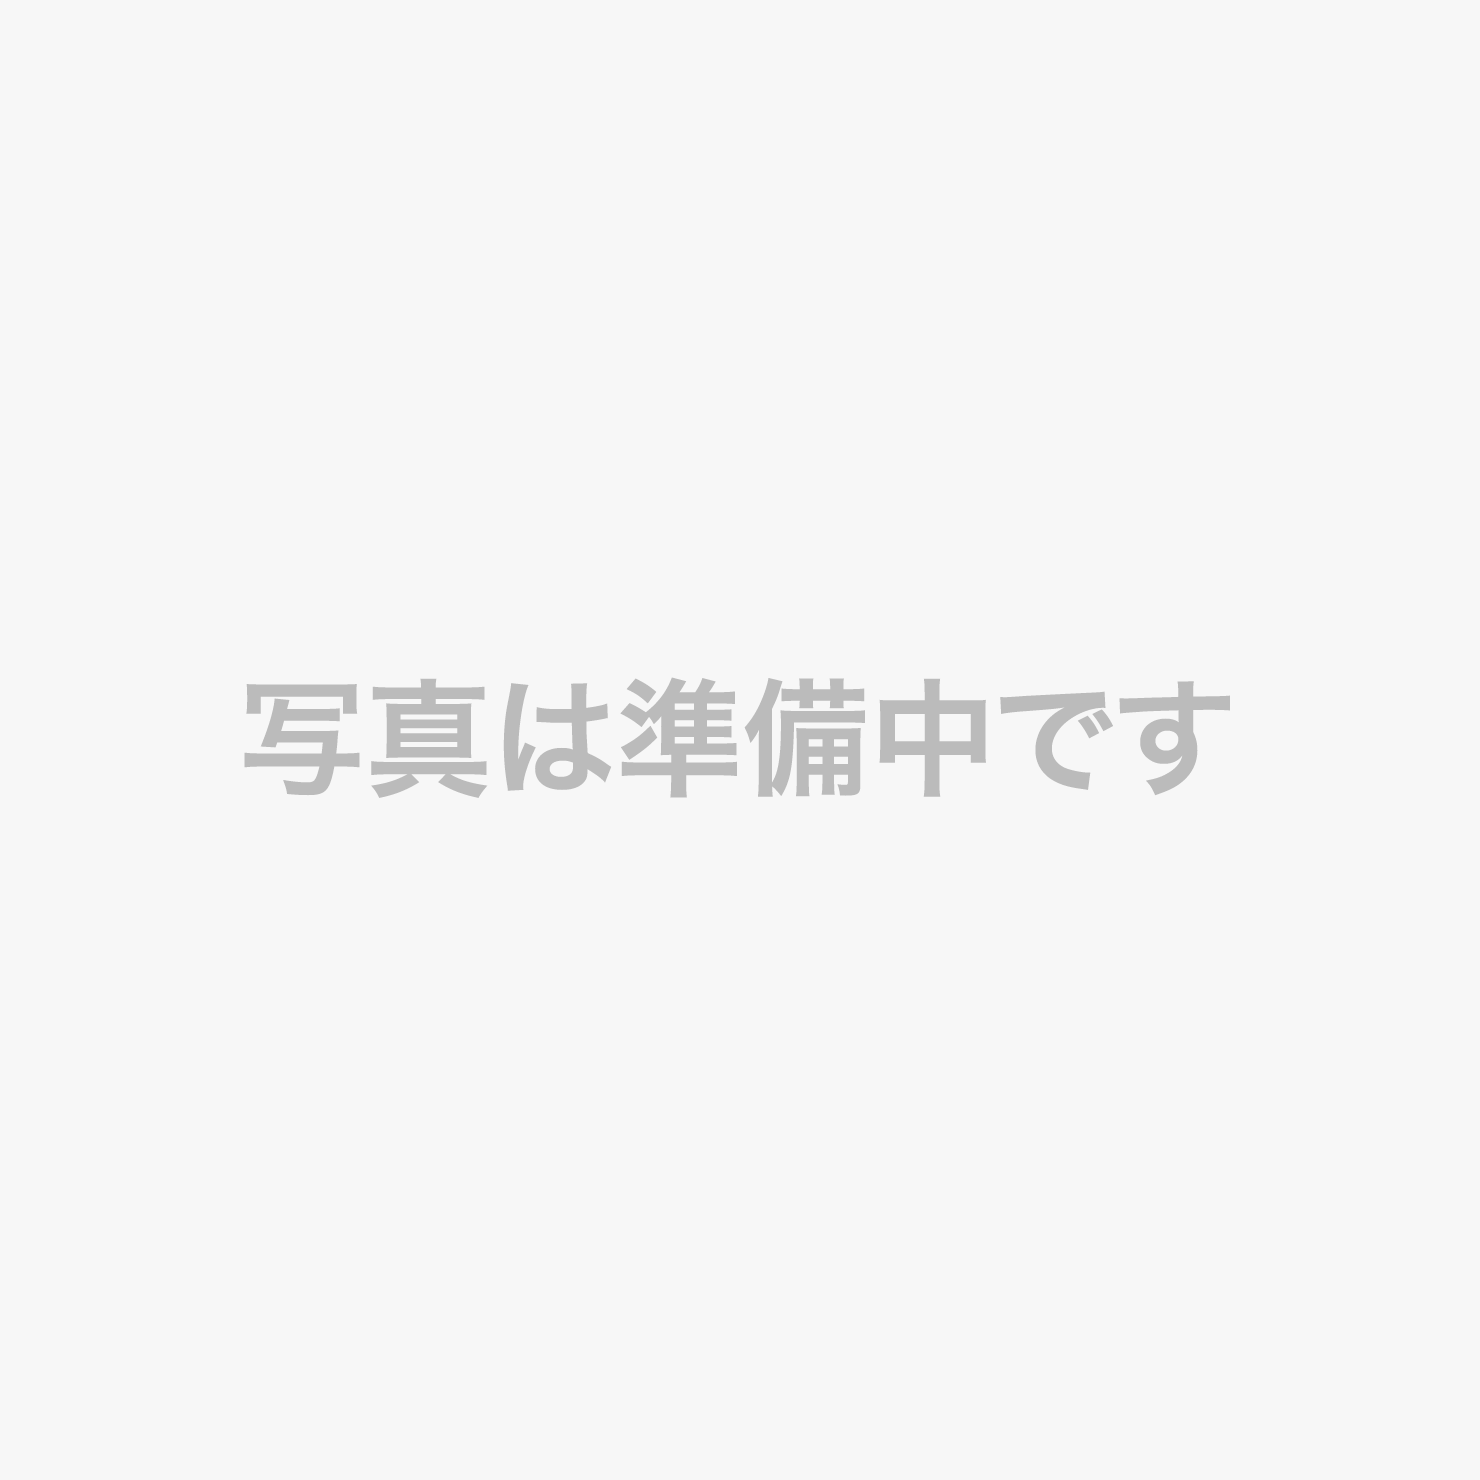 【利用イメージ】ファミリーでも安心、快適!